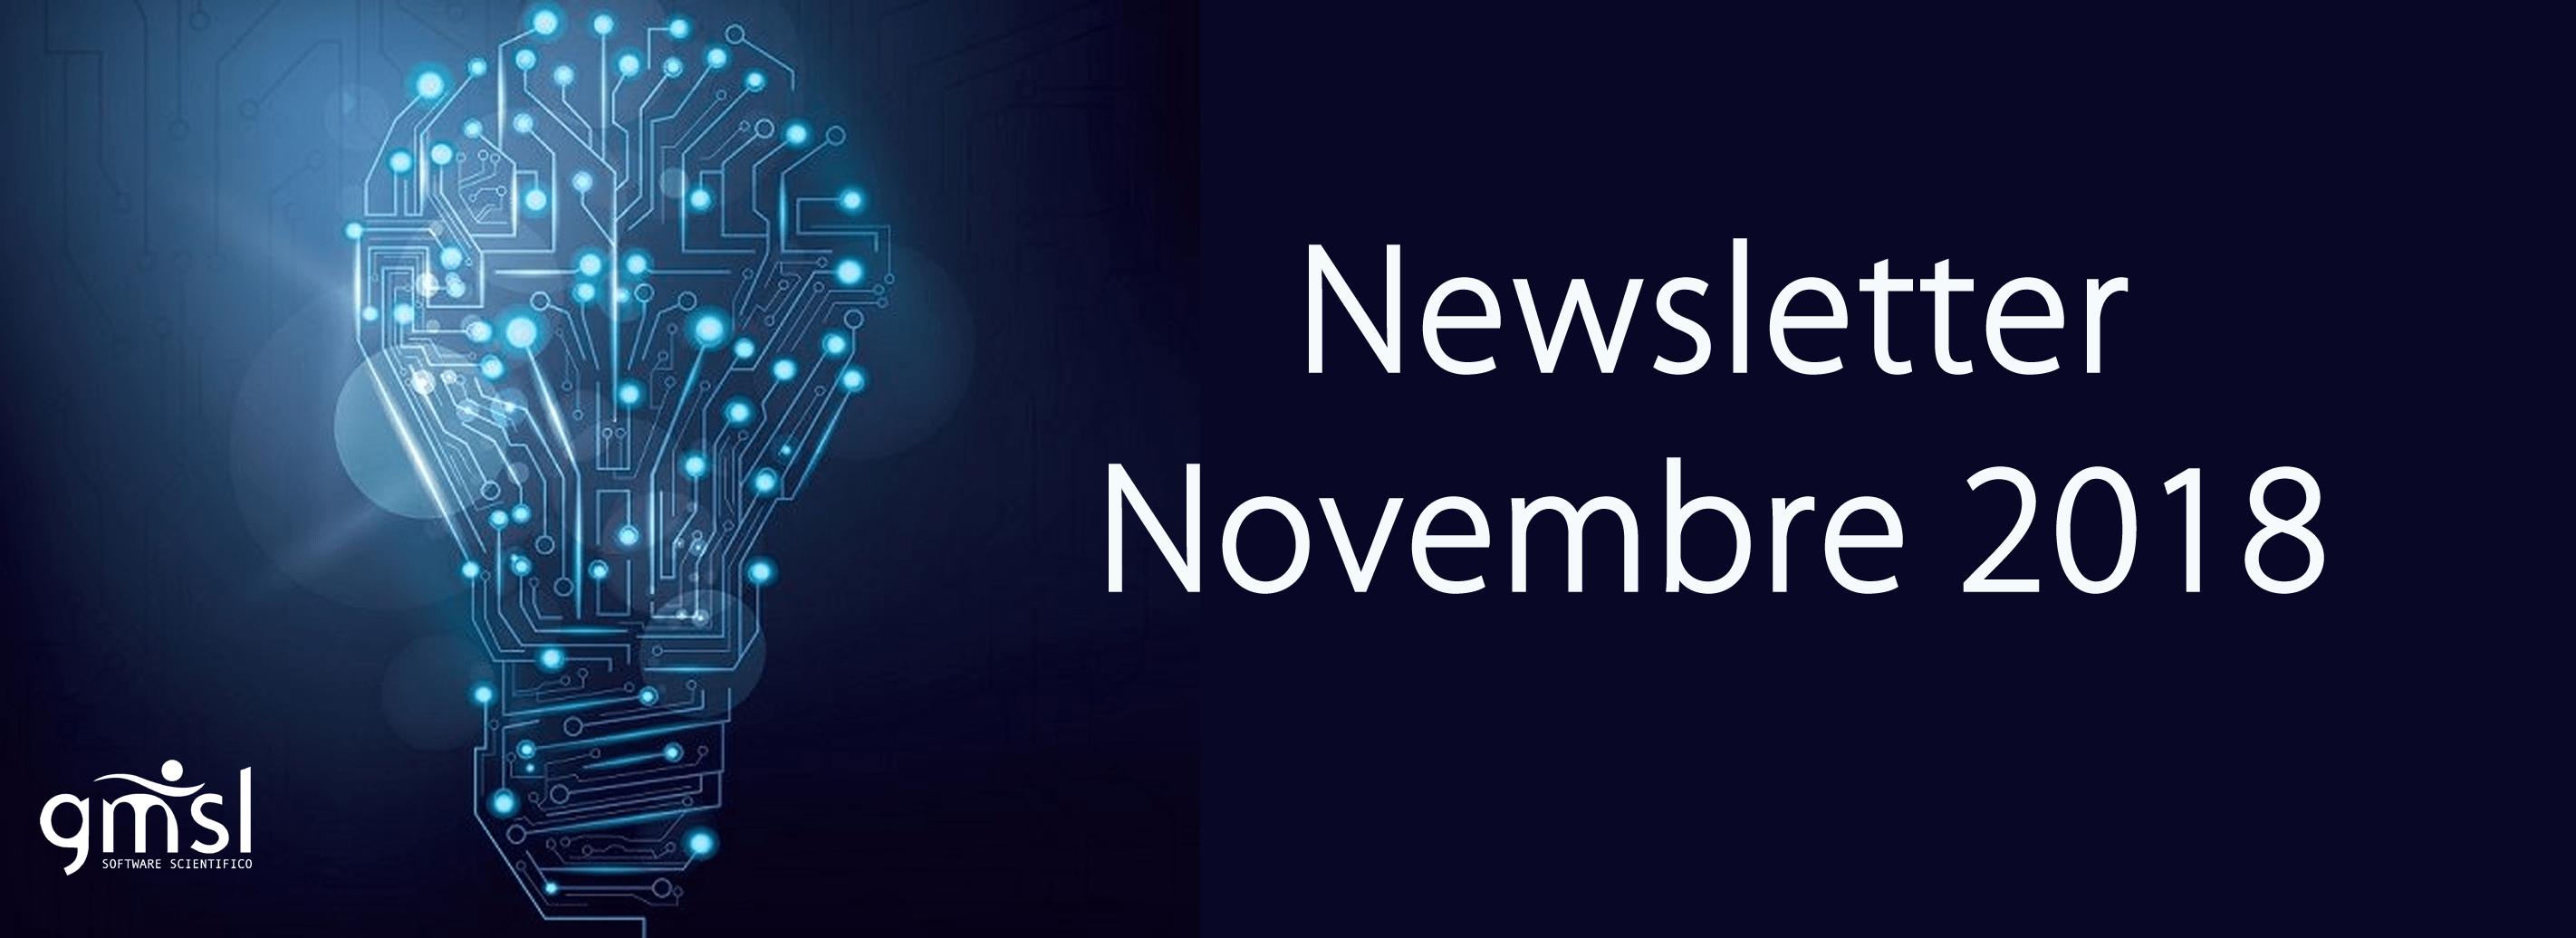 2018_Novembre InFormati con GMSL | Newsletter Novembre 2018